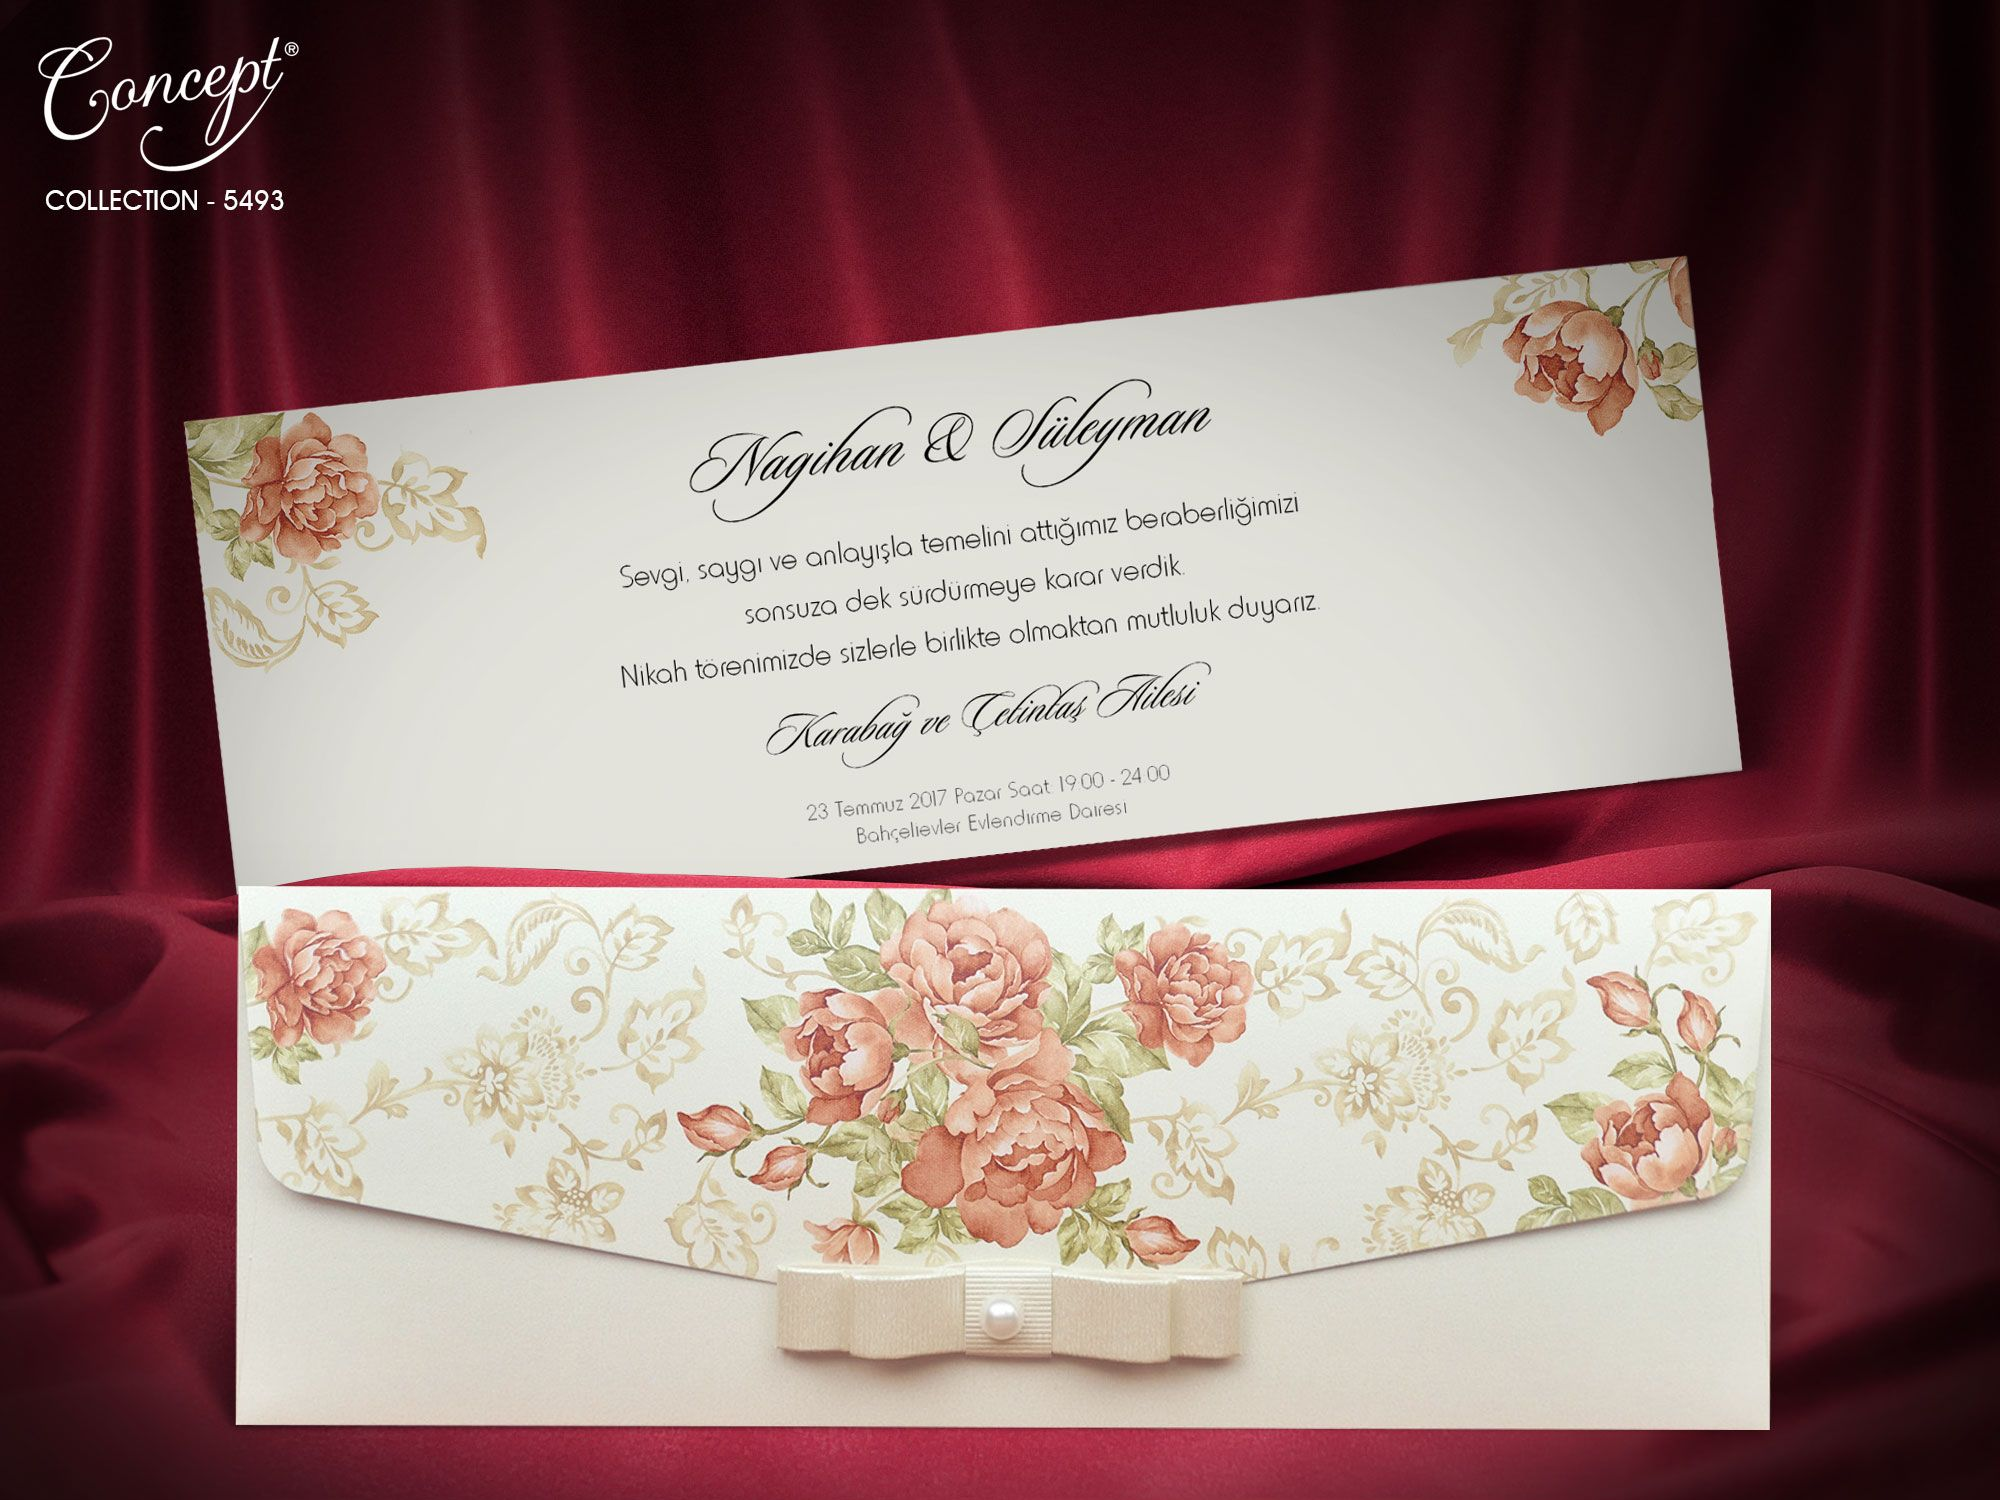 wedding invitation templates for muslim%0A Wedding invitation cards      Sedef D      n davetiyesi www sedefcards com    Sedef Davetiye   Pinterest   Weddings